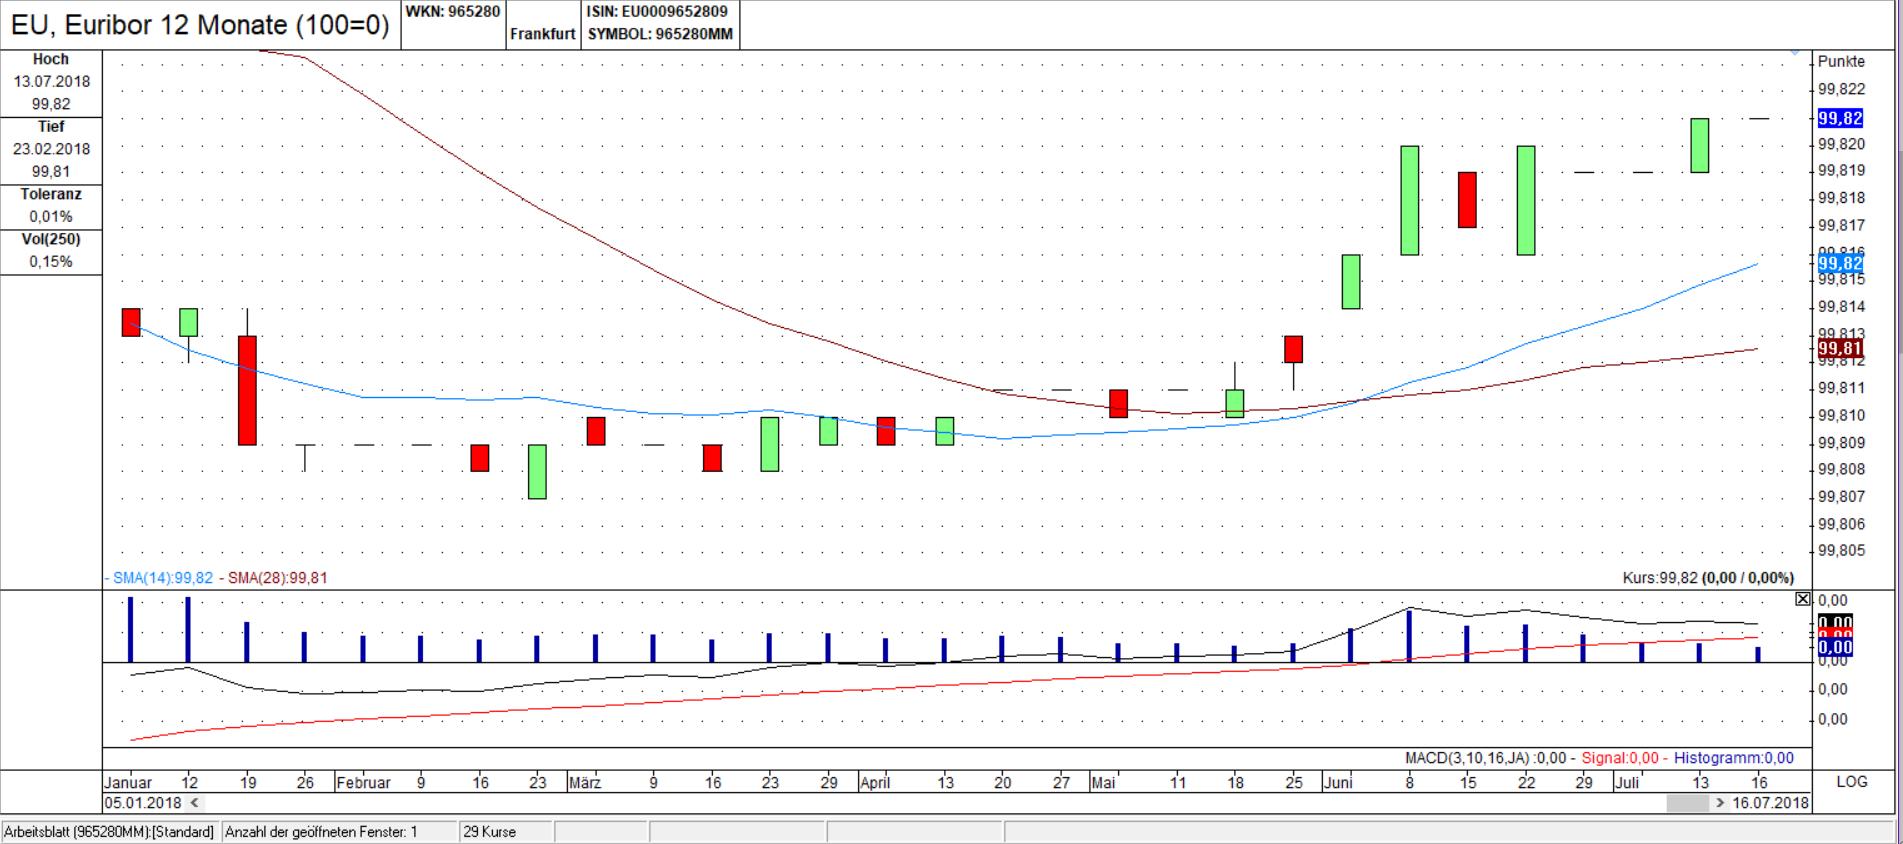 Euribor 12 Monate Chart: Anstieg der Zinsen